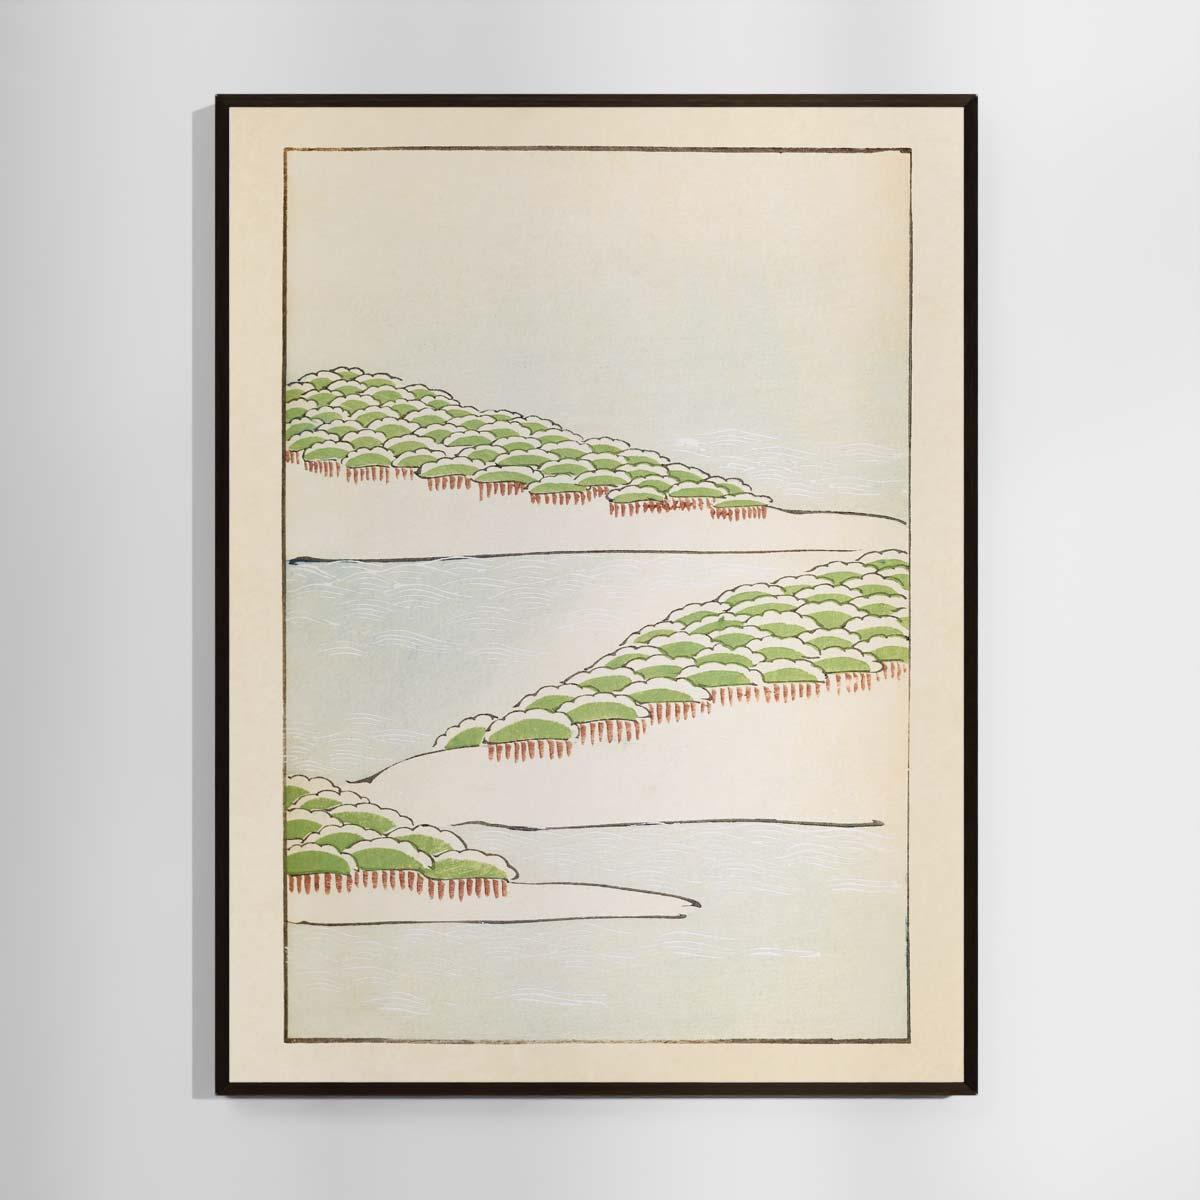 Plakat - Japansk Træsnit - Skovbakker ved vandet